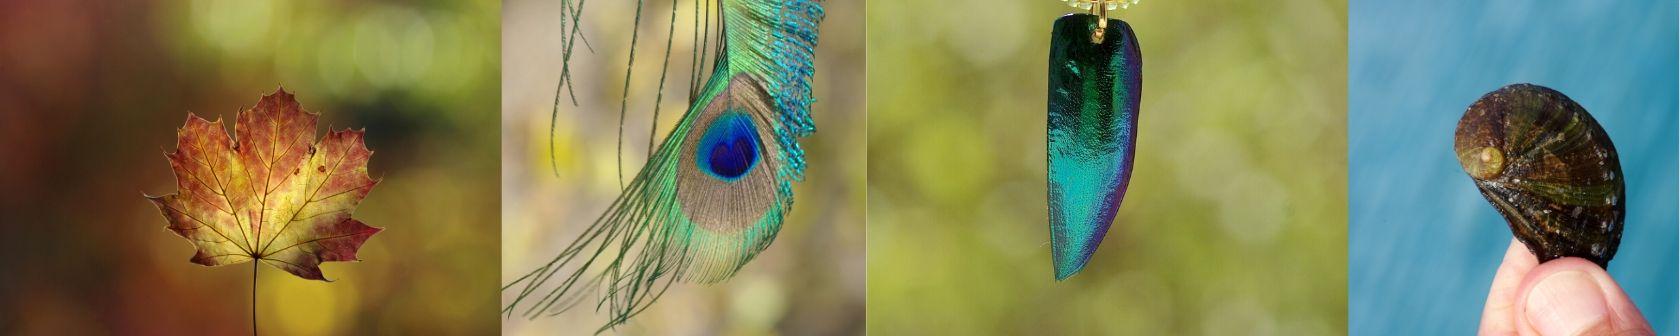 banière avec quatre photos déléments naturels : feuille d'automne, plume de paon, élytre de scarabée, coquillage haliotis